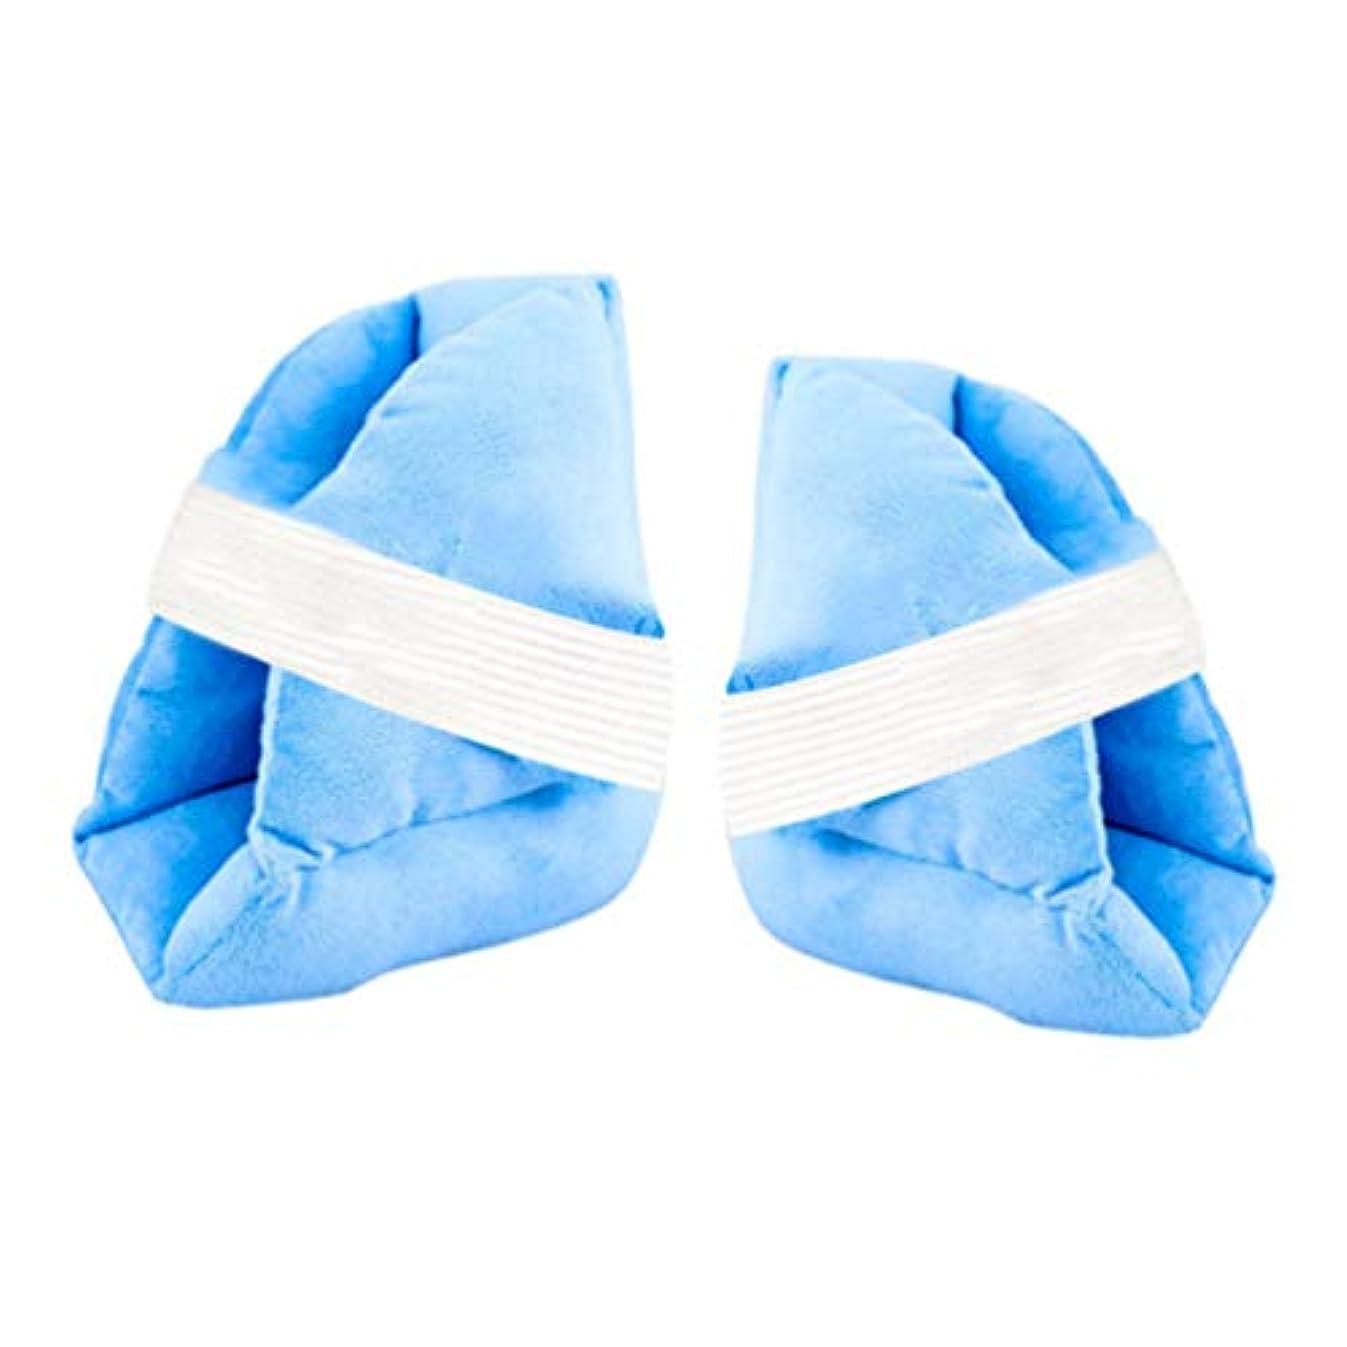 現れる期待マウント柔らかく快適なヒールプロテクター枕、ヒールフロートヒールプロテクター、Pressure瘡予防のためのアキレス腱プロテクター、高齢者の足補正カバー,b